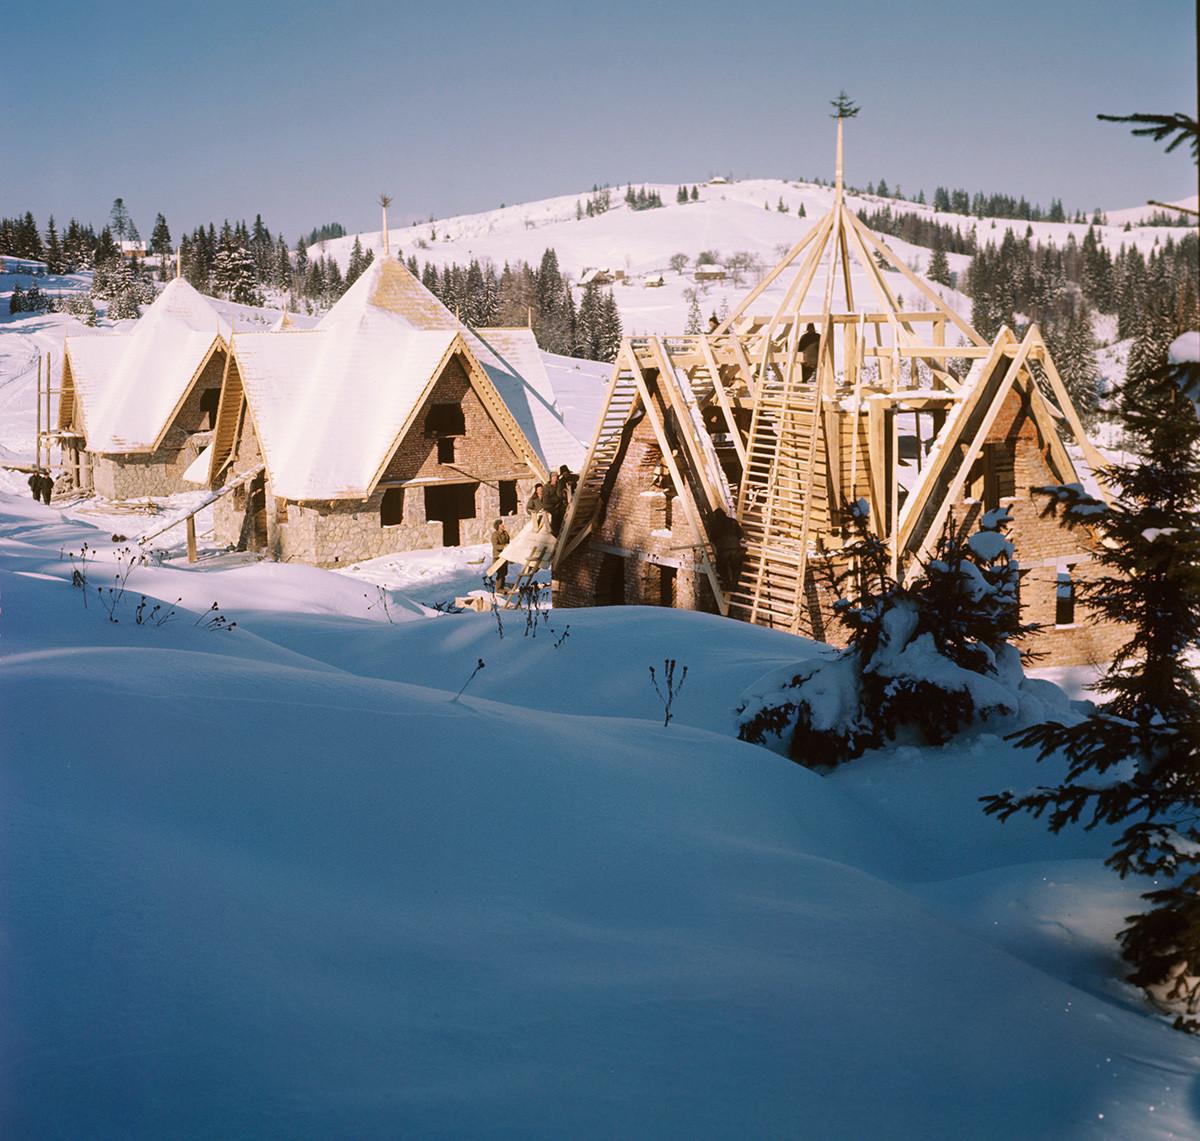 Construcción de casas de campo para turistas en los Cárpatos, región de Iváno-Frankivsk, 1970.